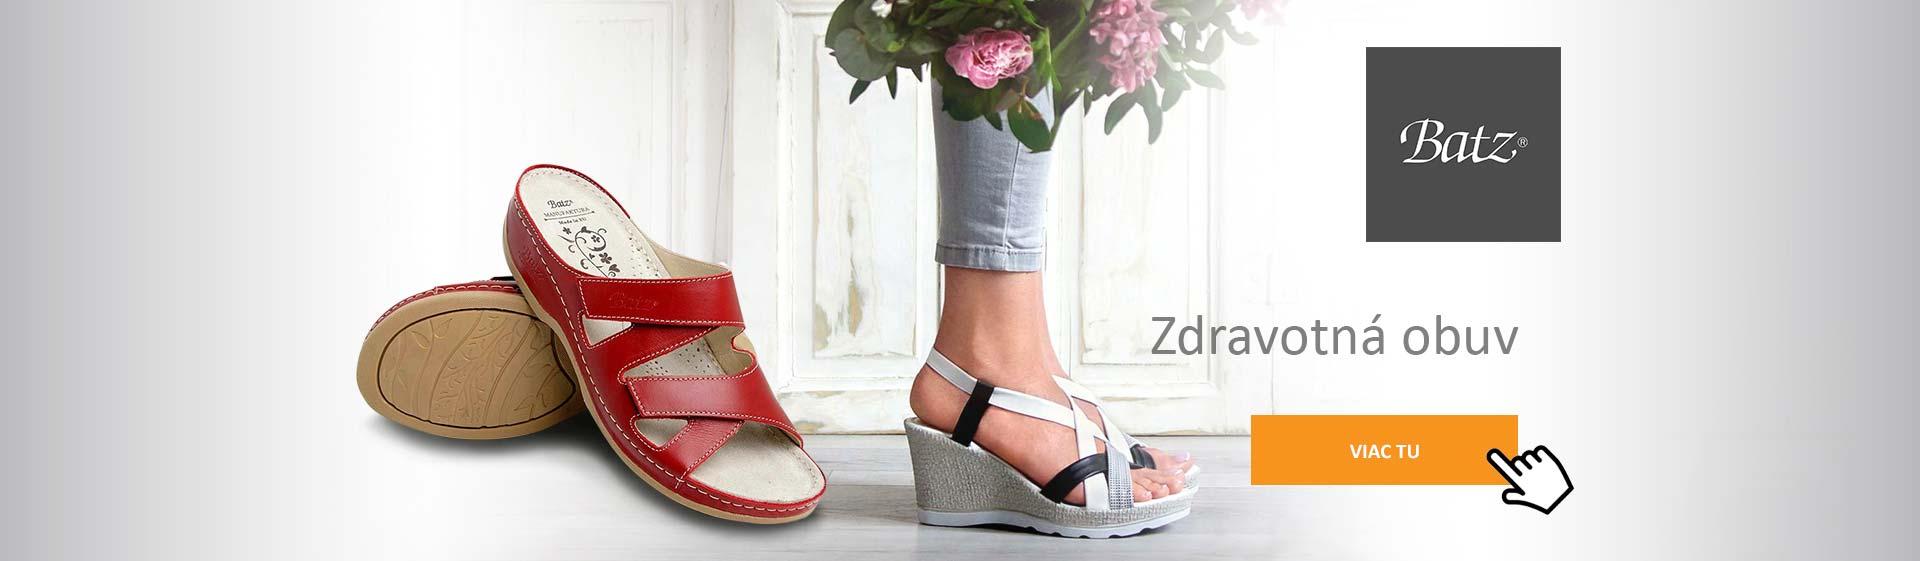 SK Zdravotná obuv